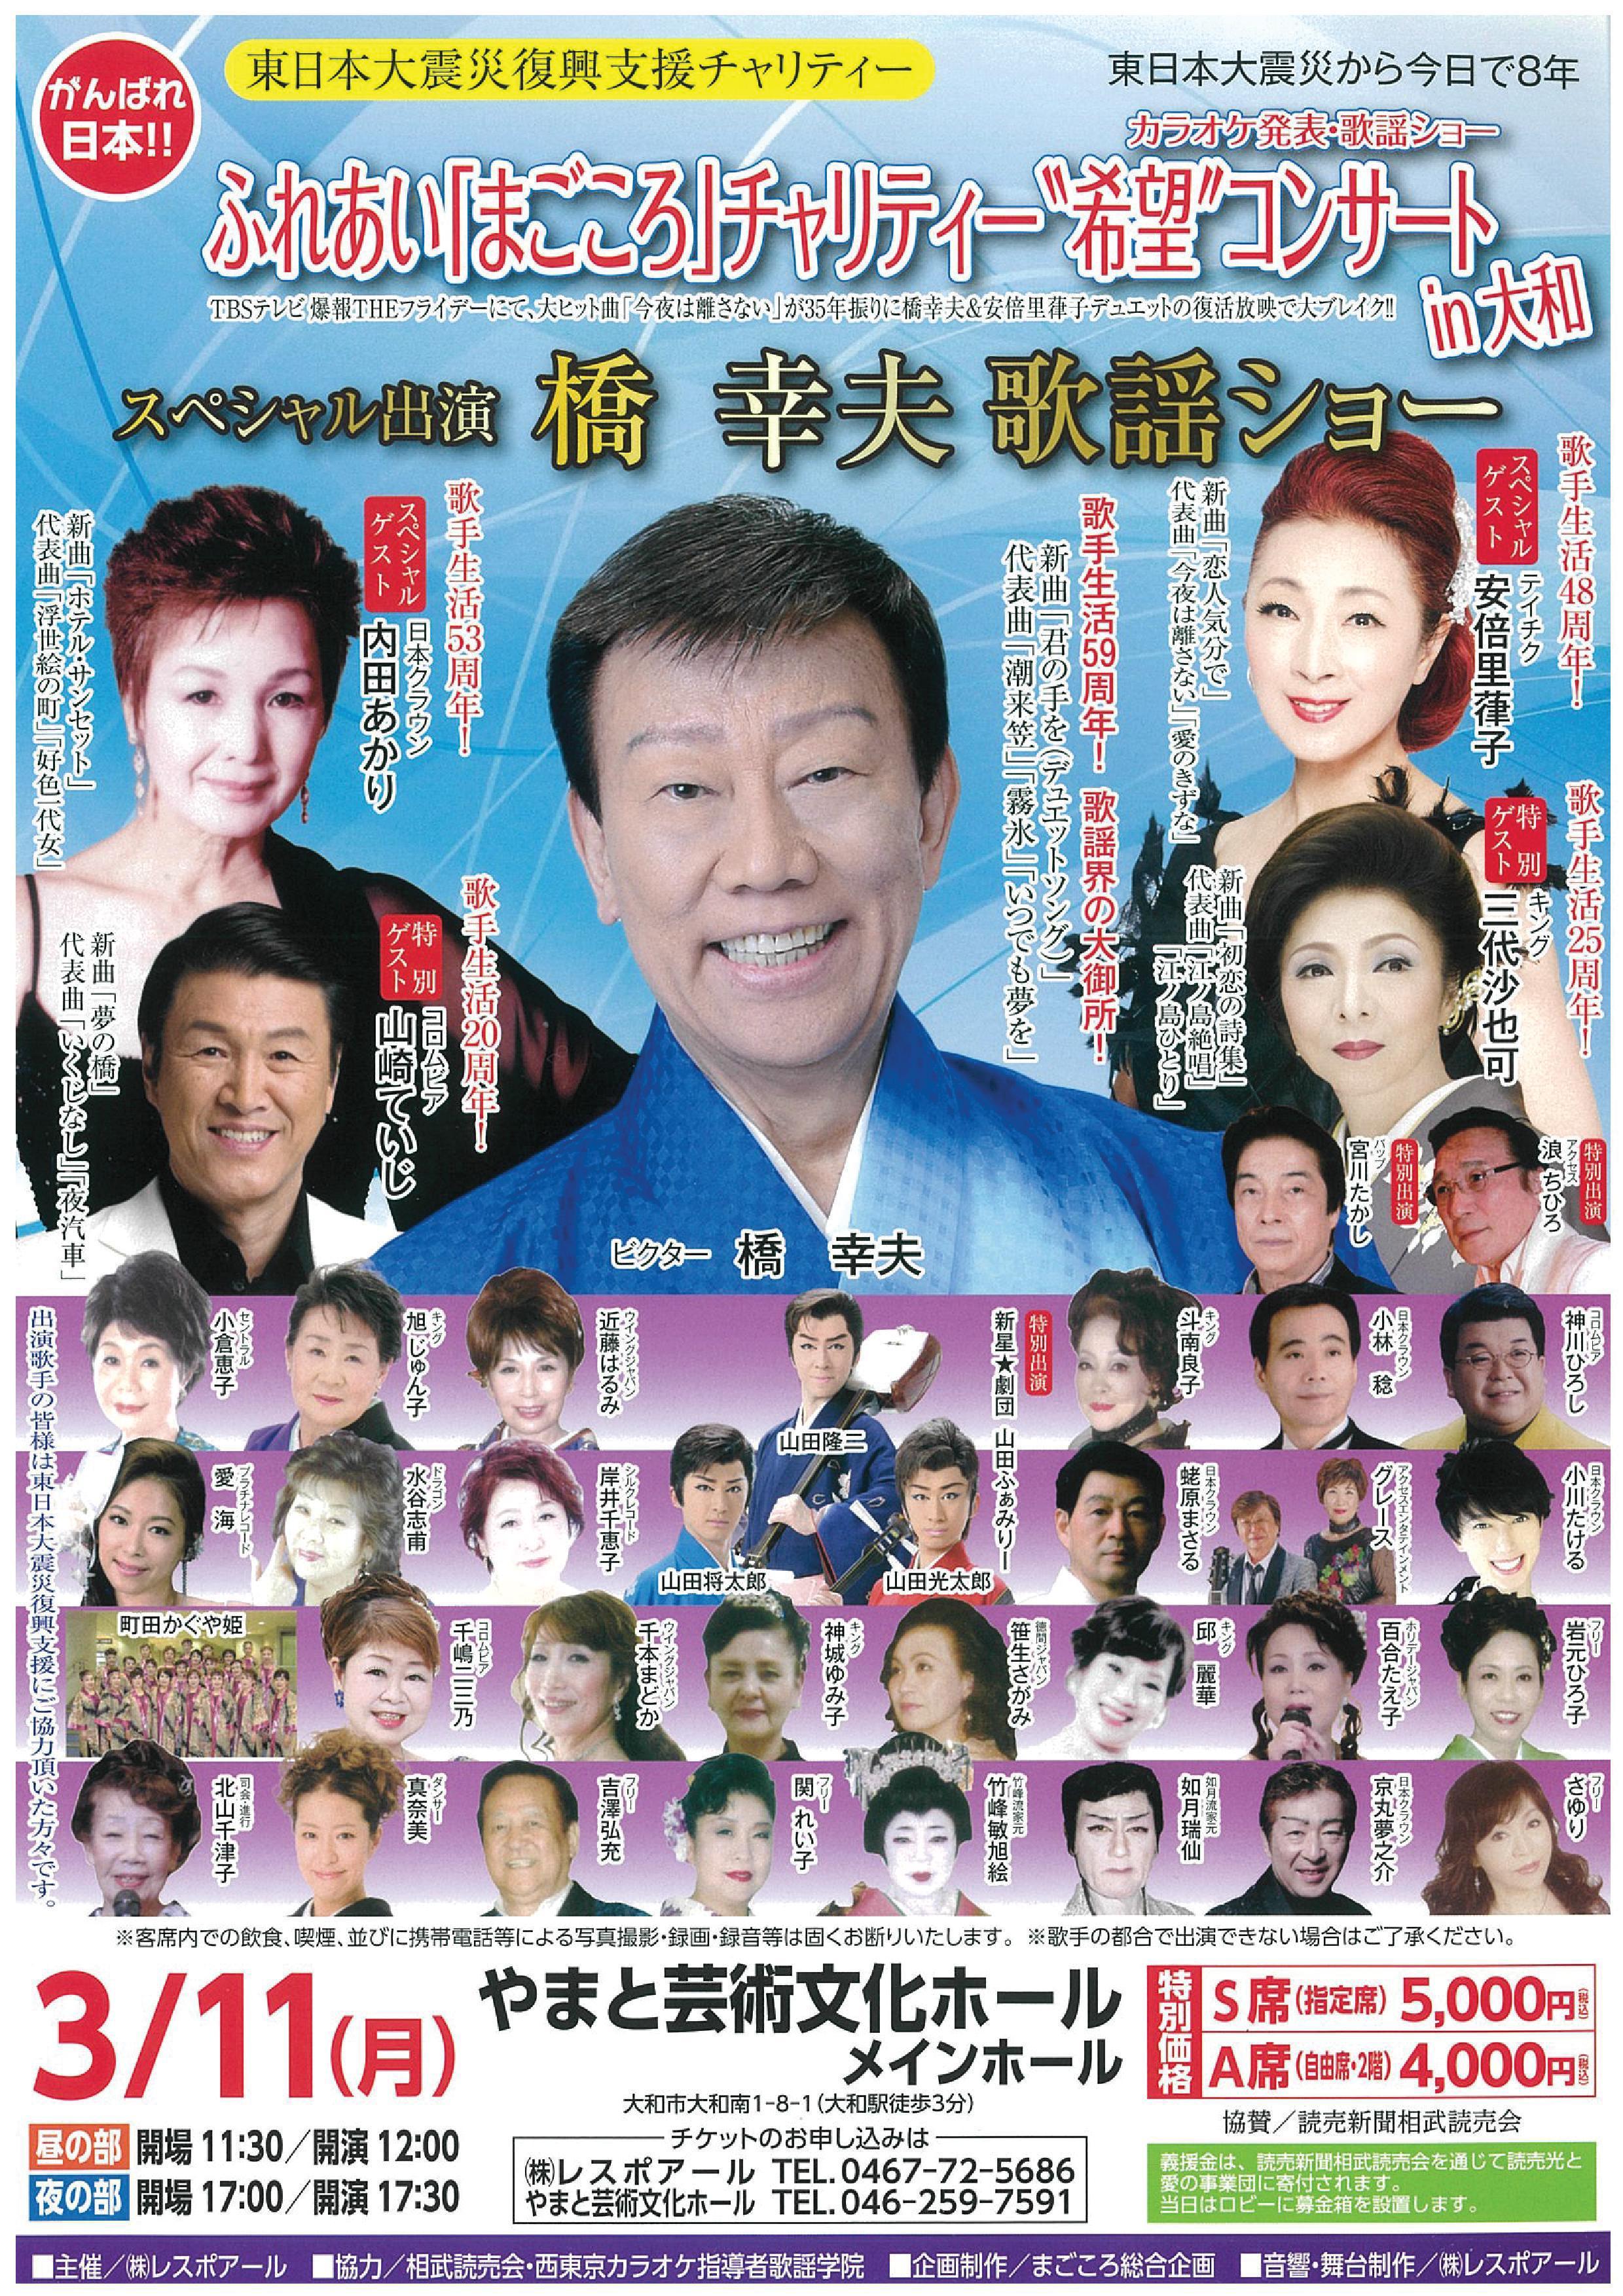 """ふれあい「まごころ」チャリティー""""希望""""コンサート橋幸夫歌謡ショー"""